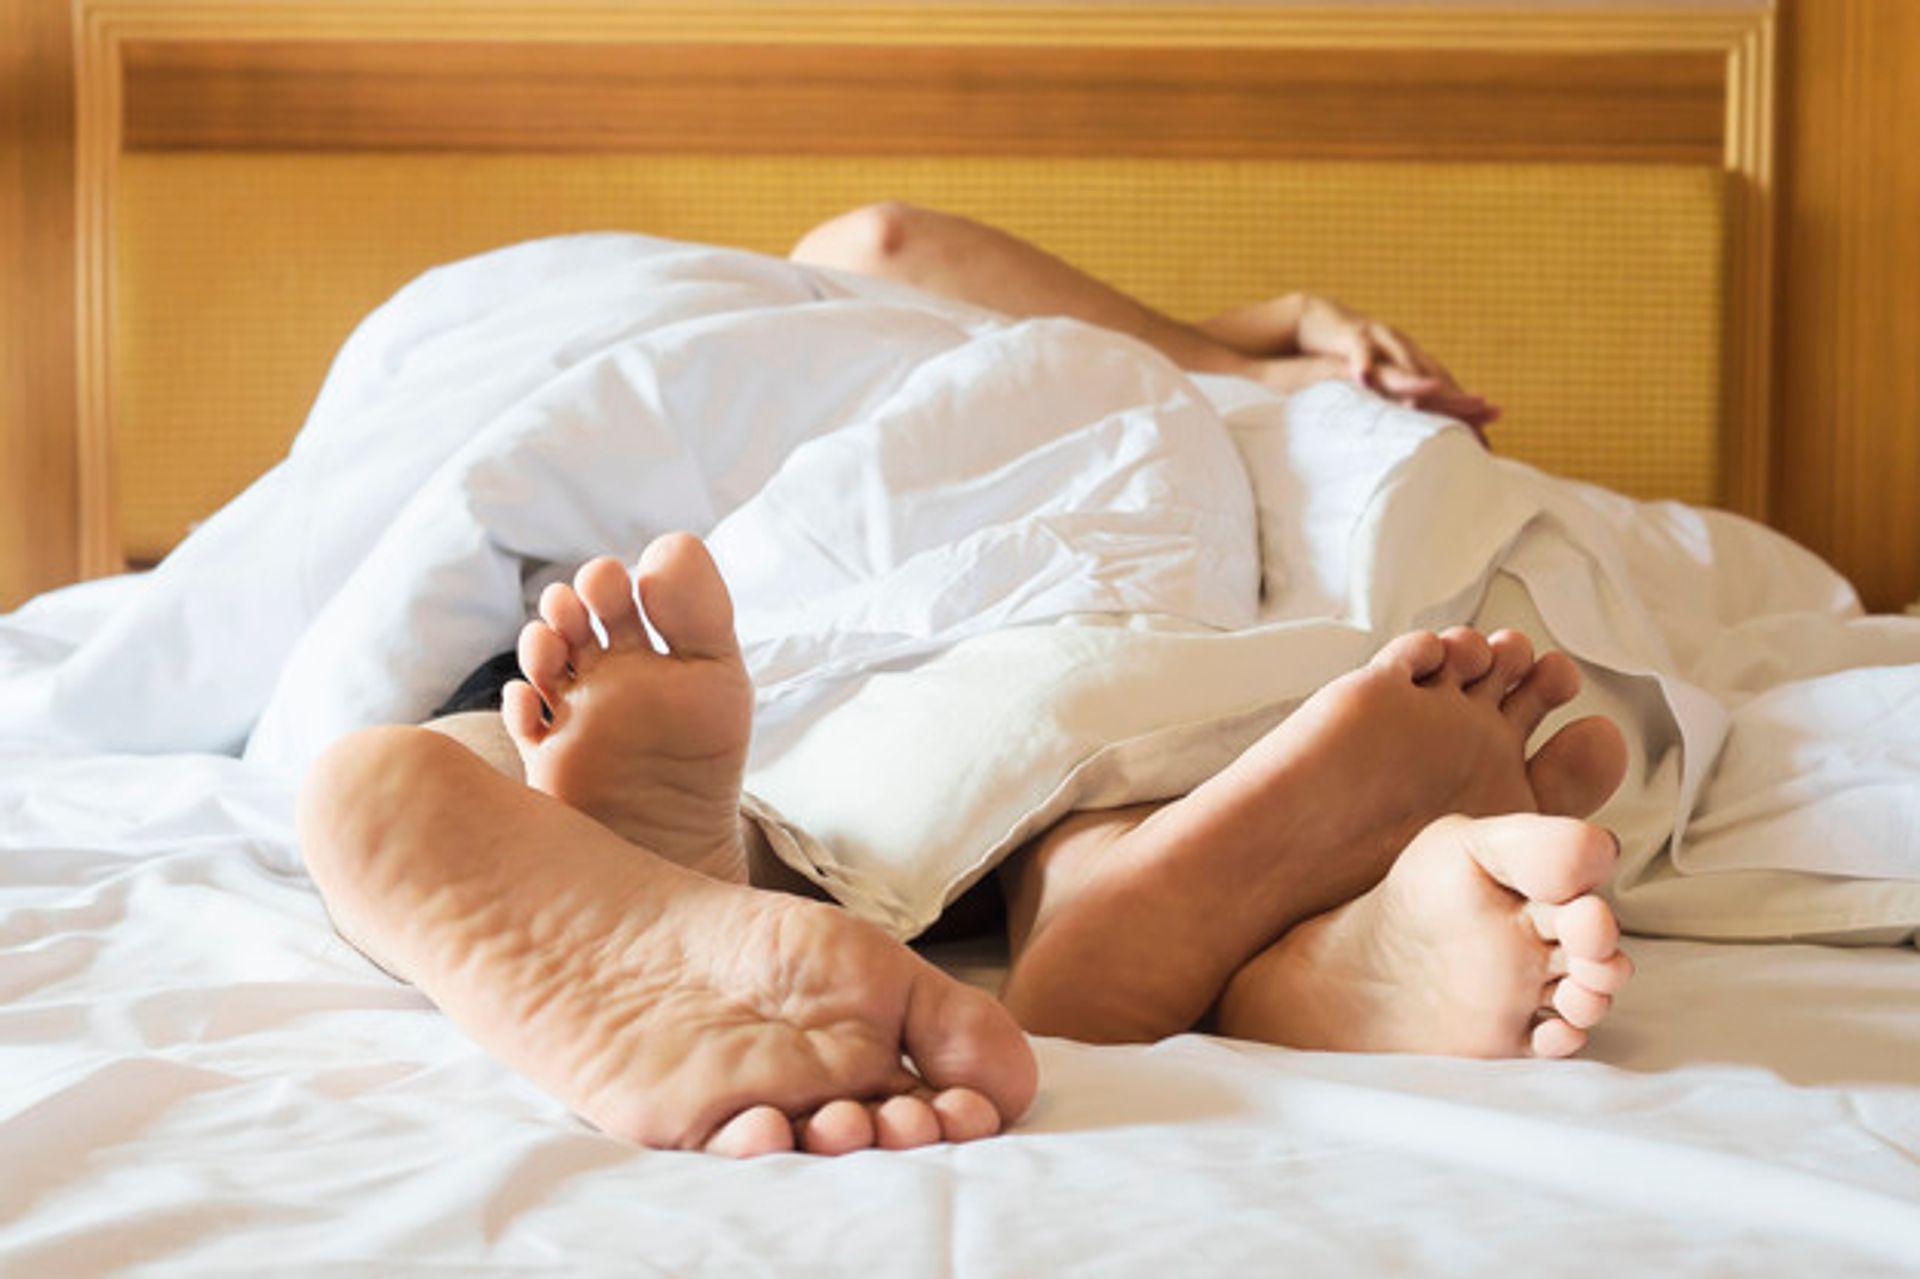 Veroorzaakt corona toxic relationships?